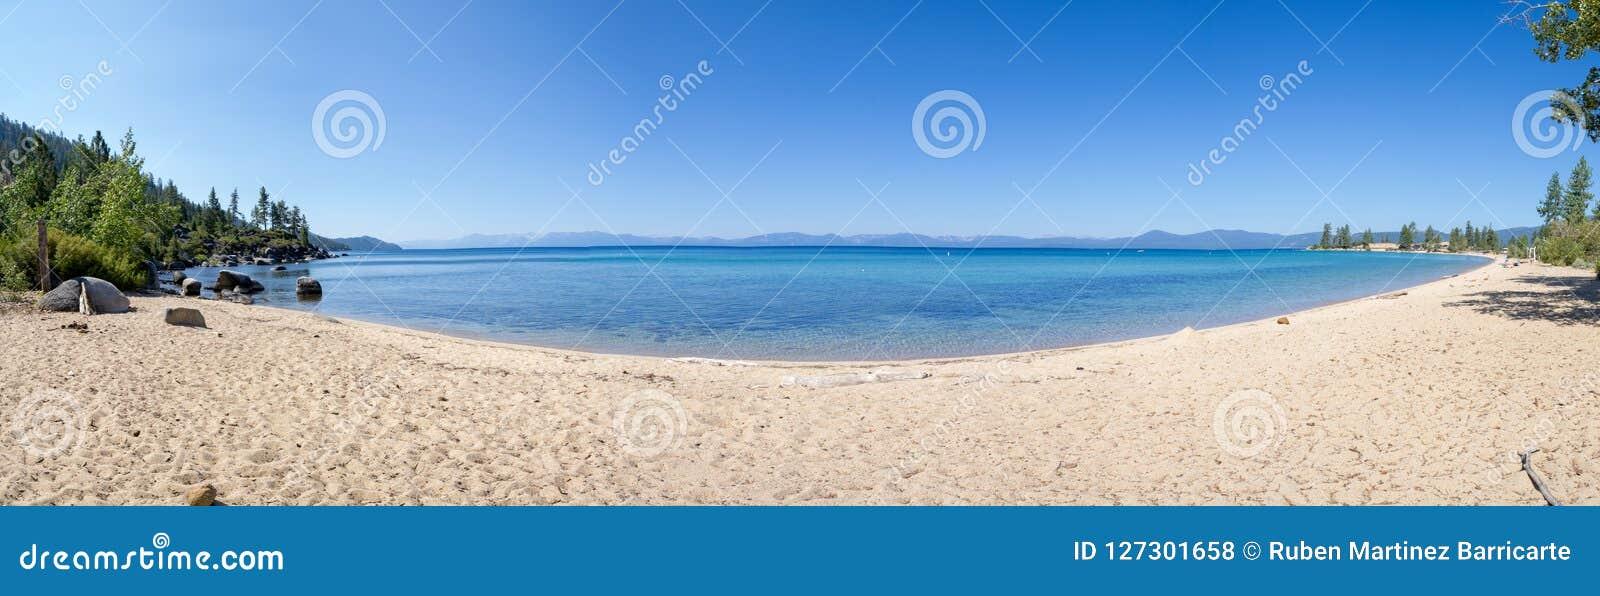 Strand bij Zandhaven in Meer Tahoe